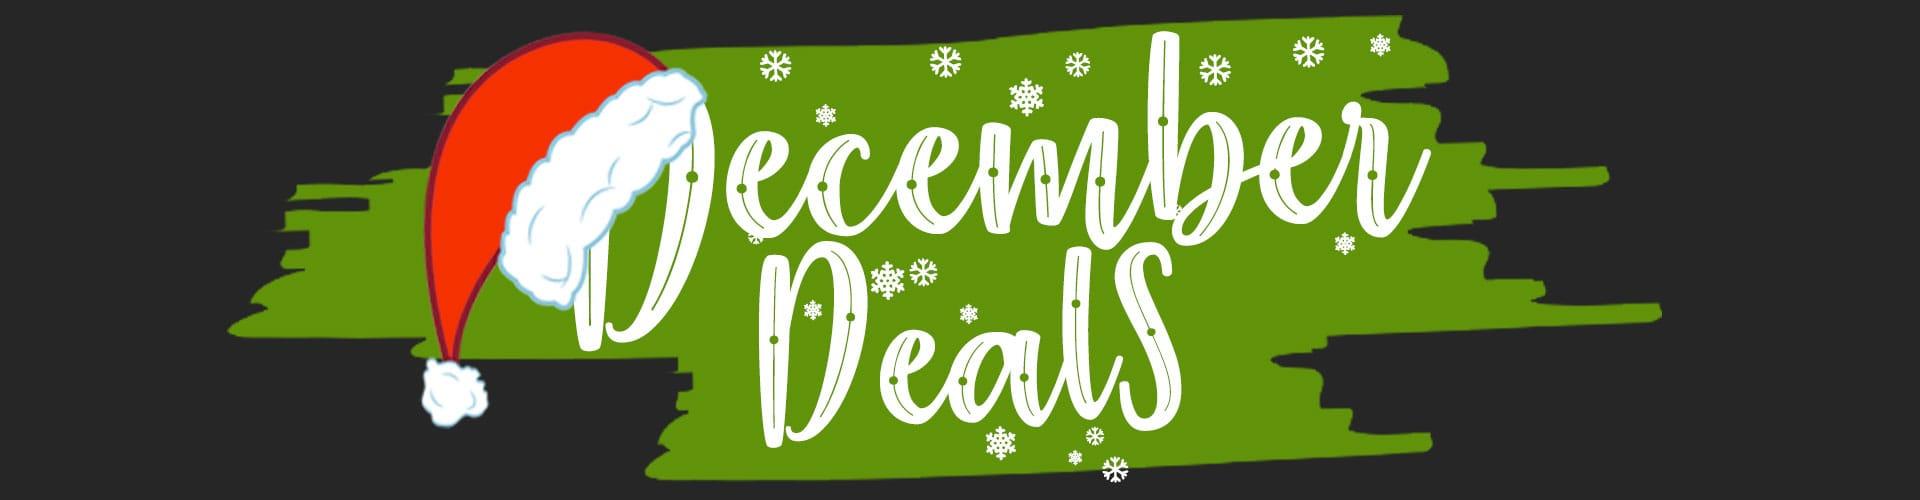 Planetoftennis.nl - December Deals